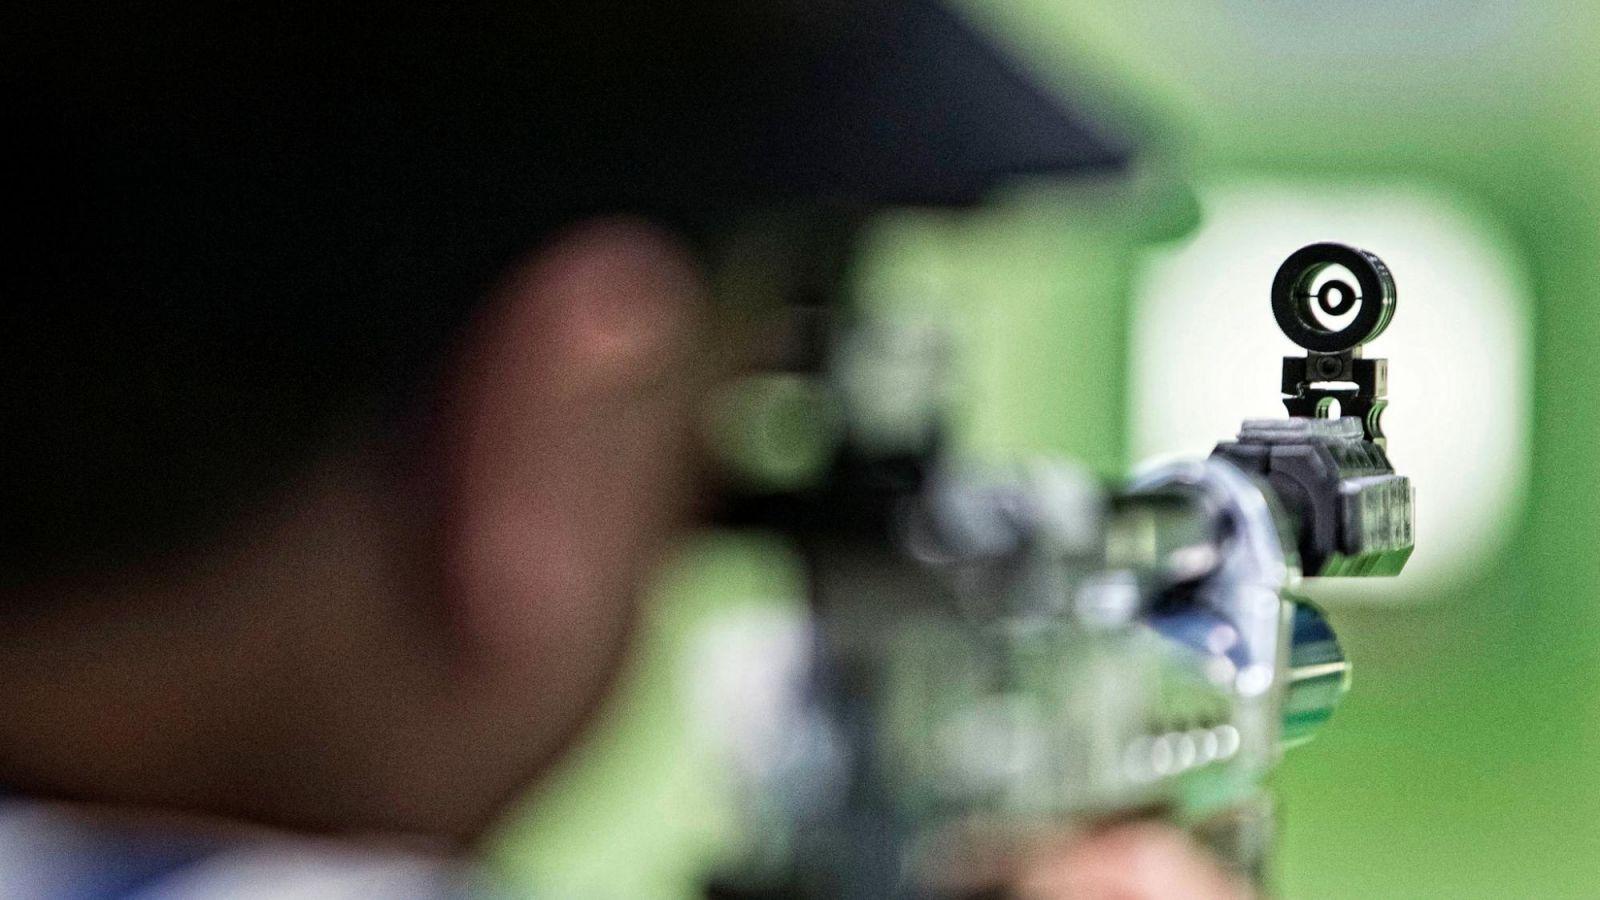 Чемпионат Европы по пулевой стрельбе МПК с дистанции 10 метров состоится в Финляндии с 16 по 23 февраля 2021 года